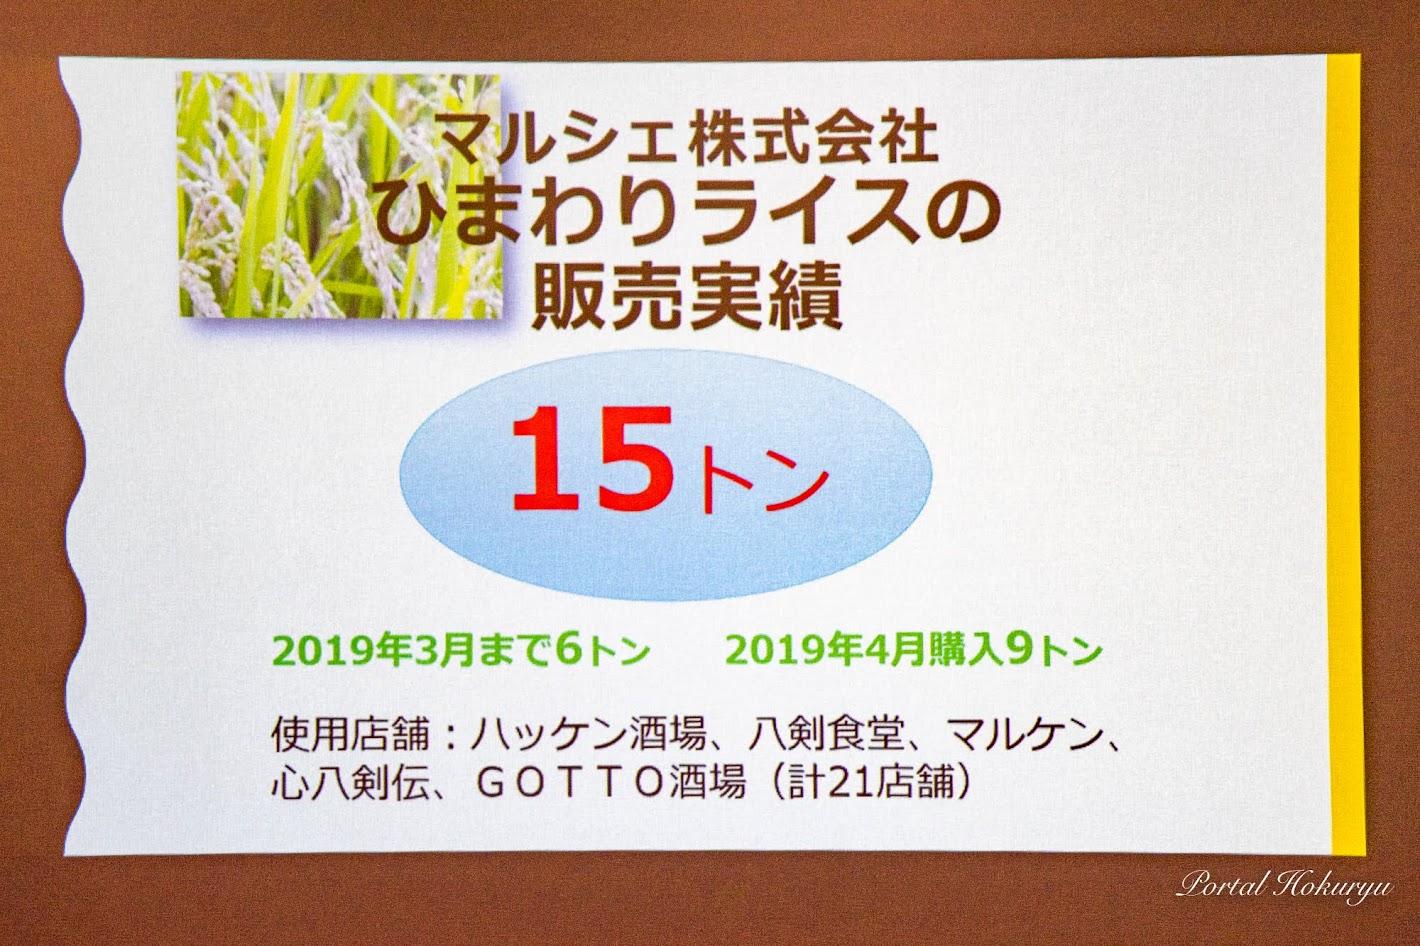 マルシェ株式会社ひまわりライスの販売実績15トン(計21店舗)